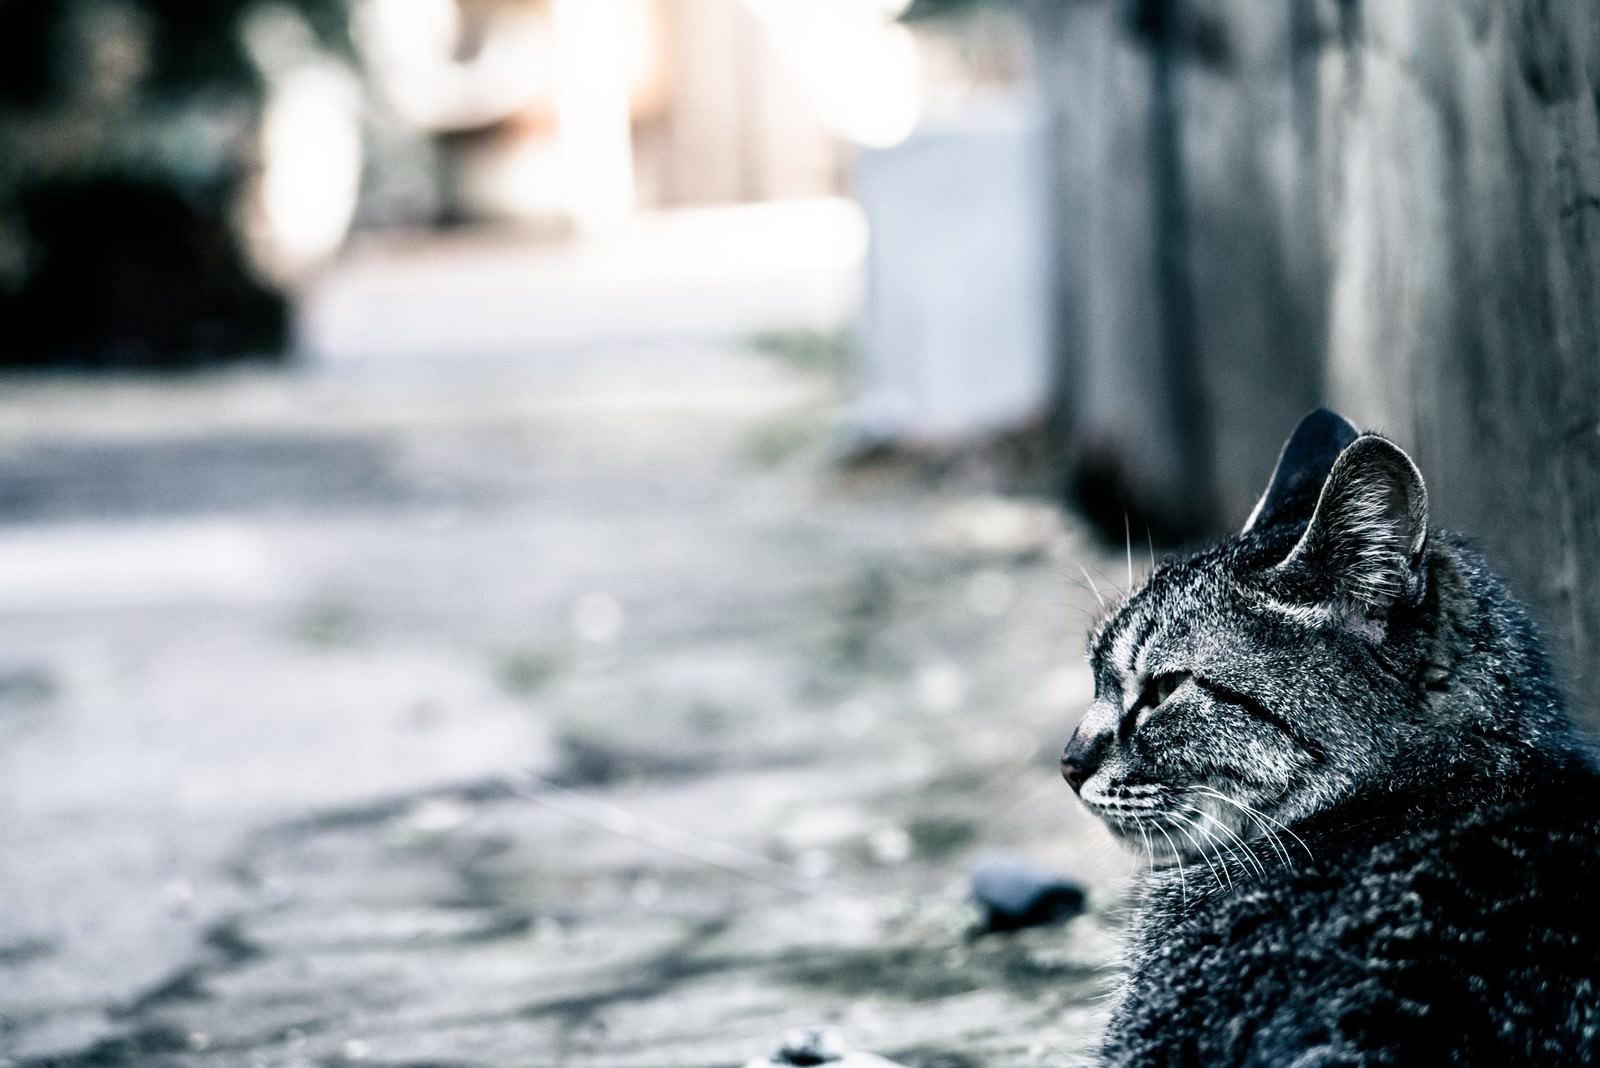 「路上でぼっち猫路上でぼっち猫」のフリー写真素材を拡大